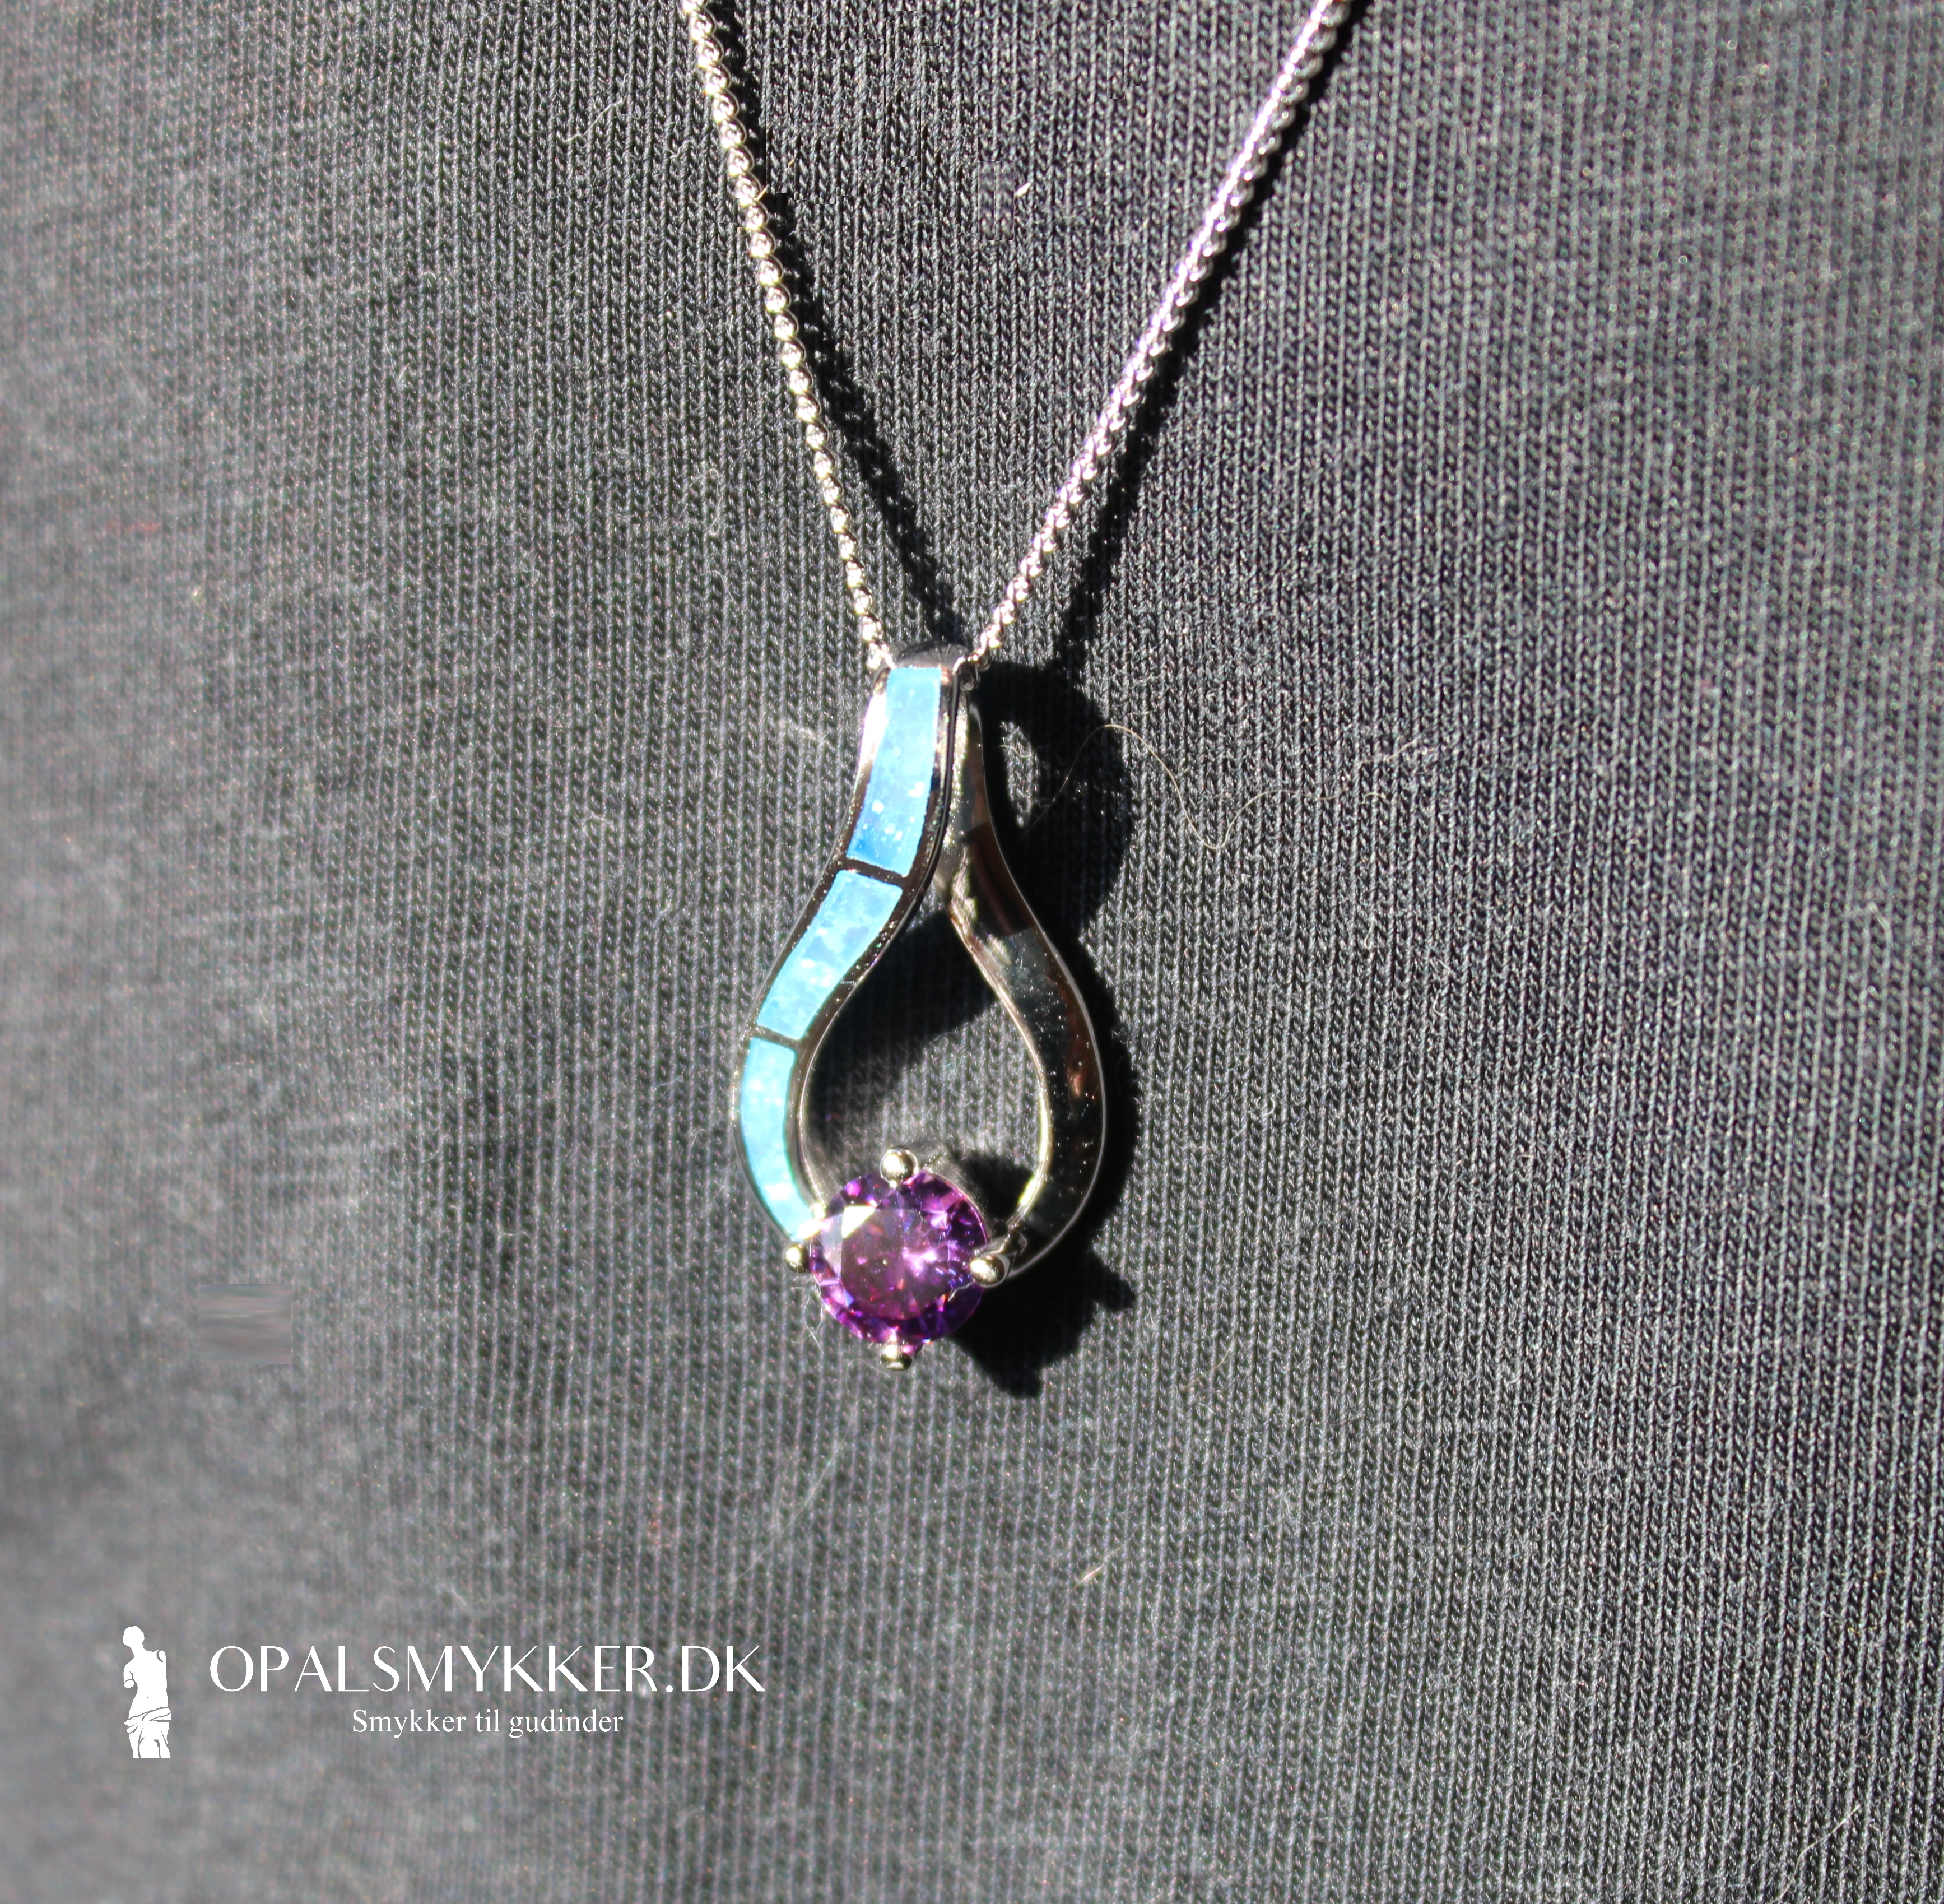 Græsk opal smykke vedhæng og halskæde